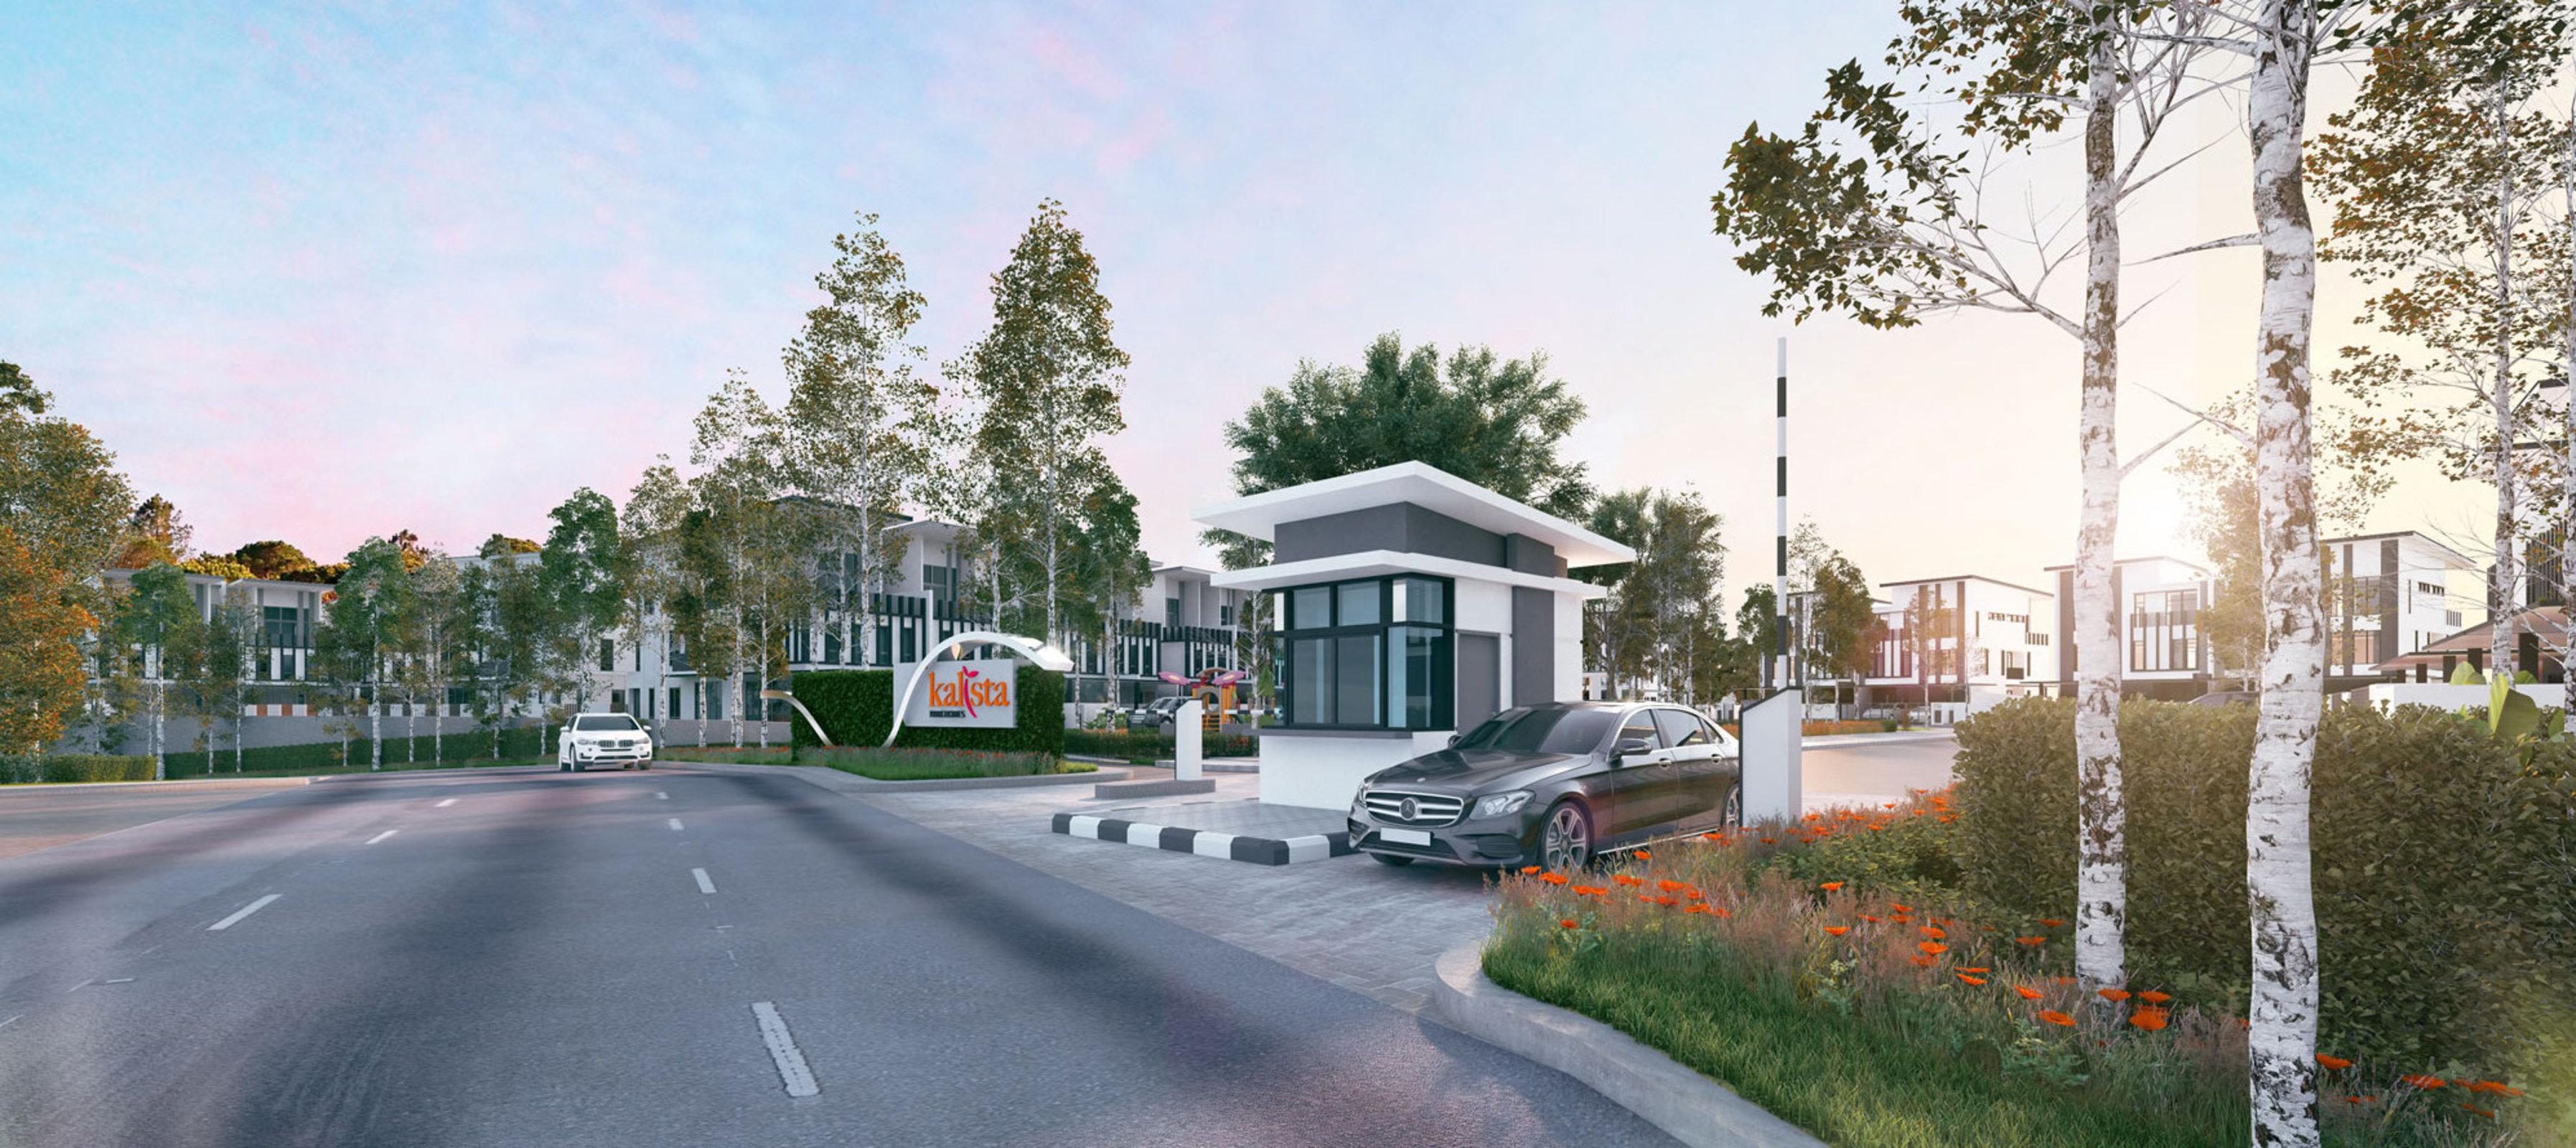 Bukit rahman putera house for sale kalista park homes entrance guardhouse